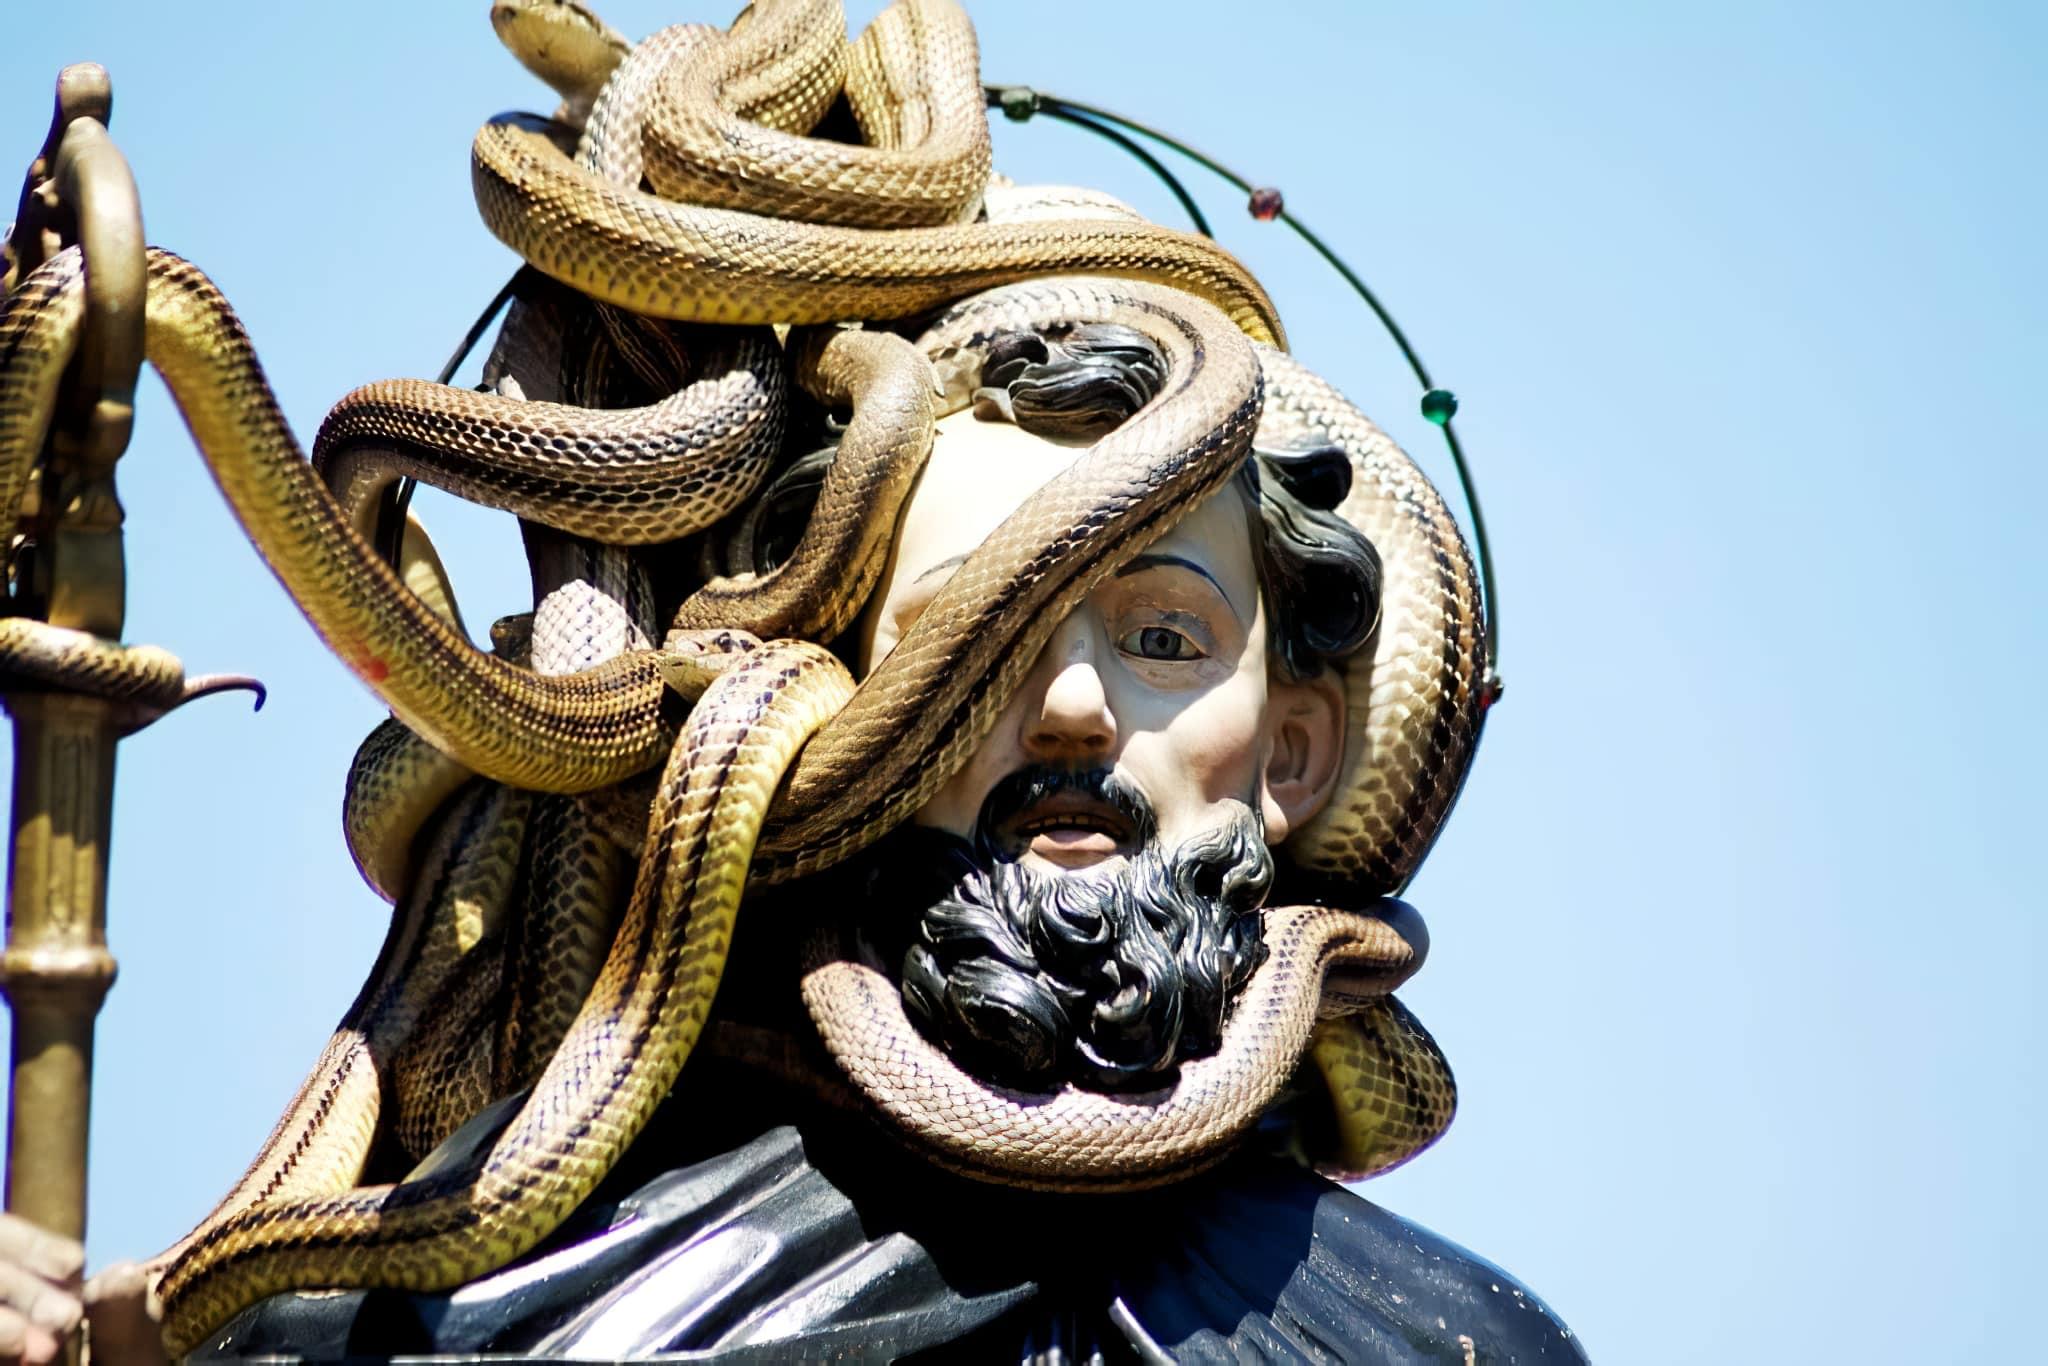 Le Festival des serpents à Cocullo, en Italie